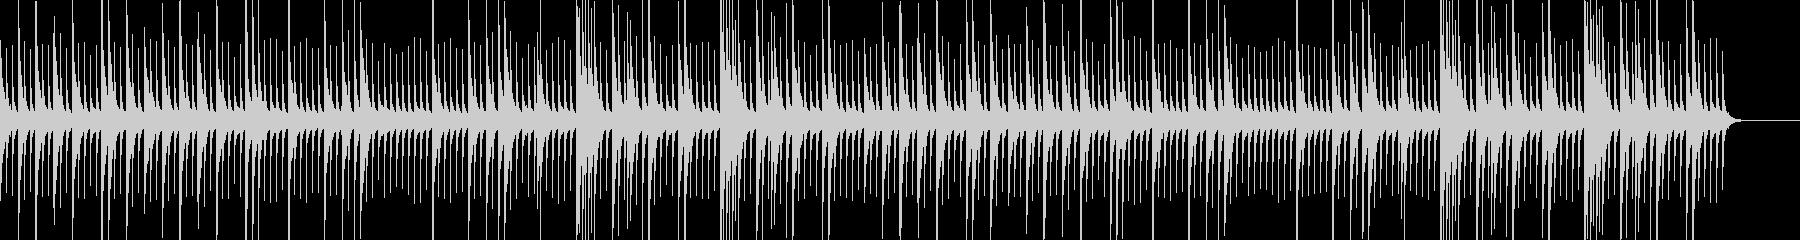 ノスタルジックで幻想的なオルゴールの未再生の波形